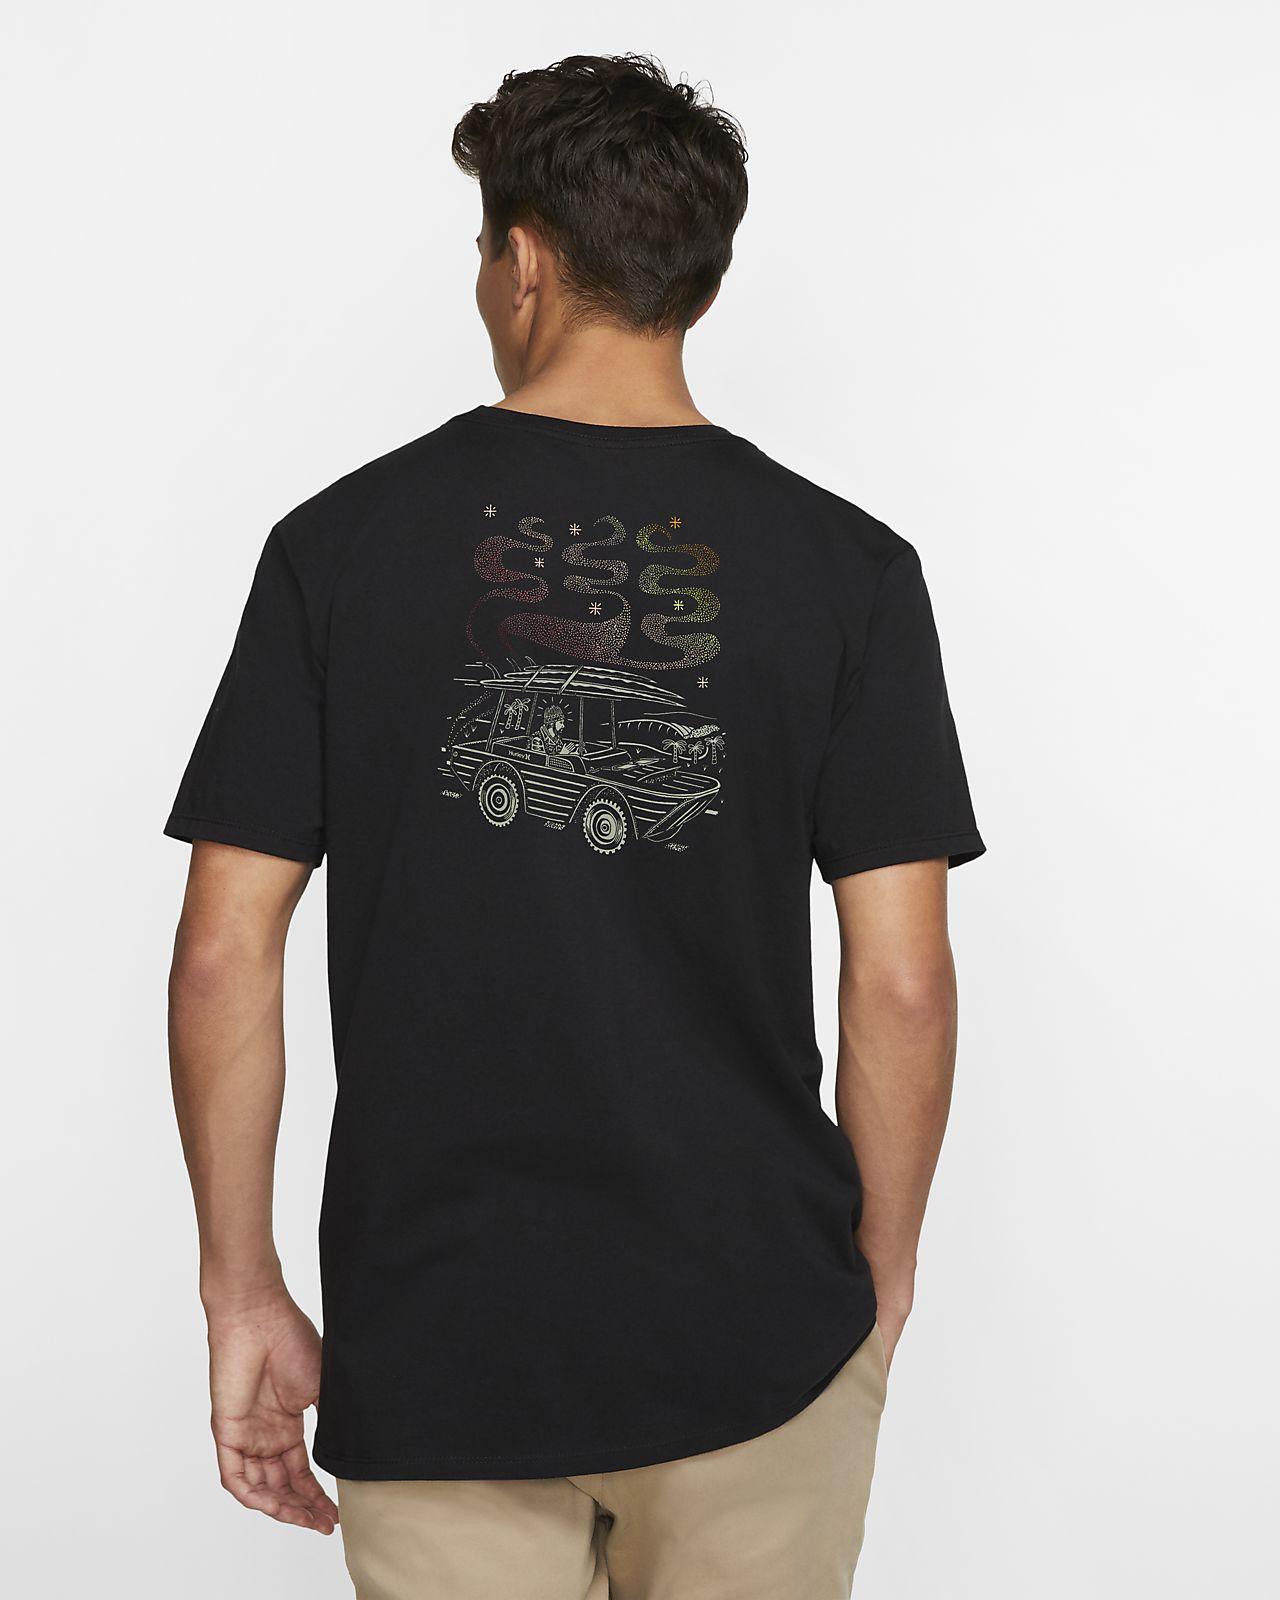 Hurley Premium Search And Destroy Premium Kesim Erkek Tişörtü